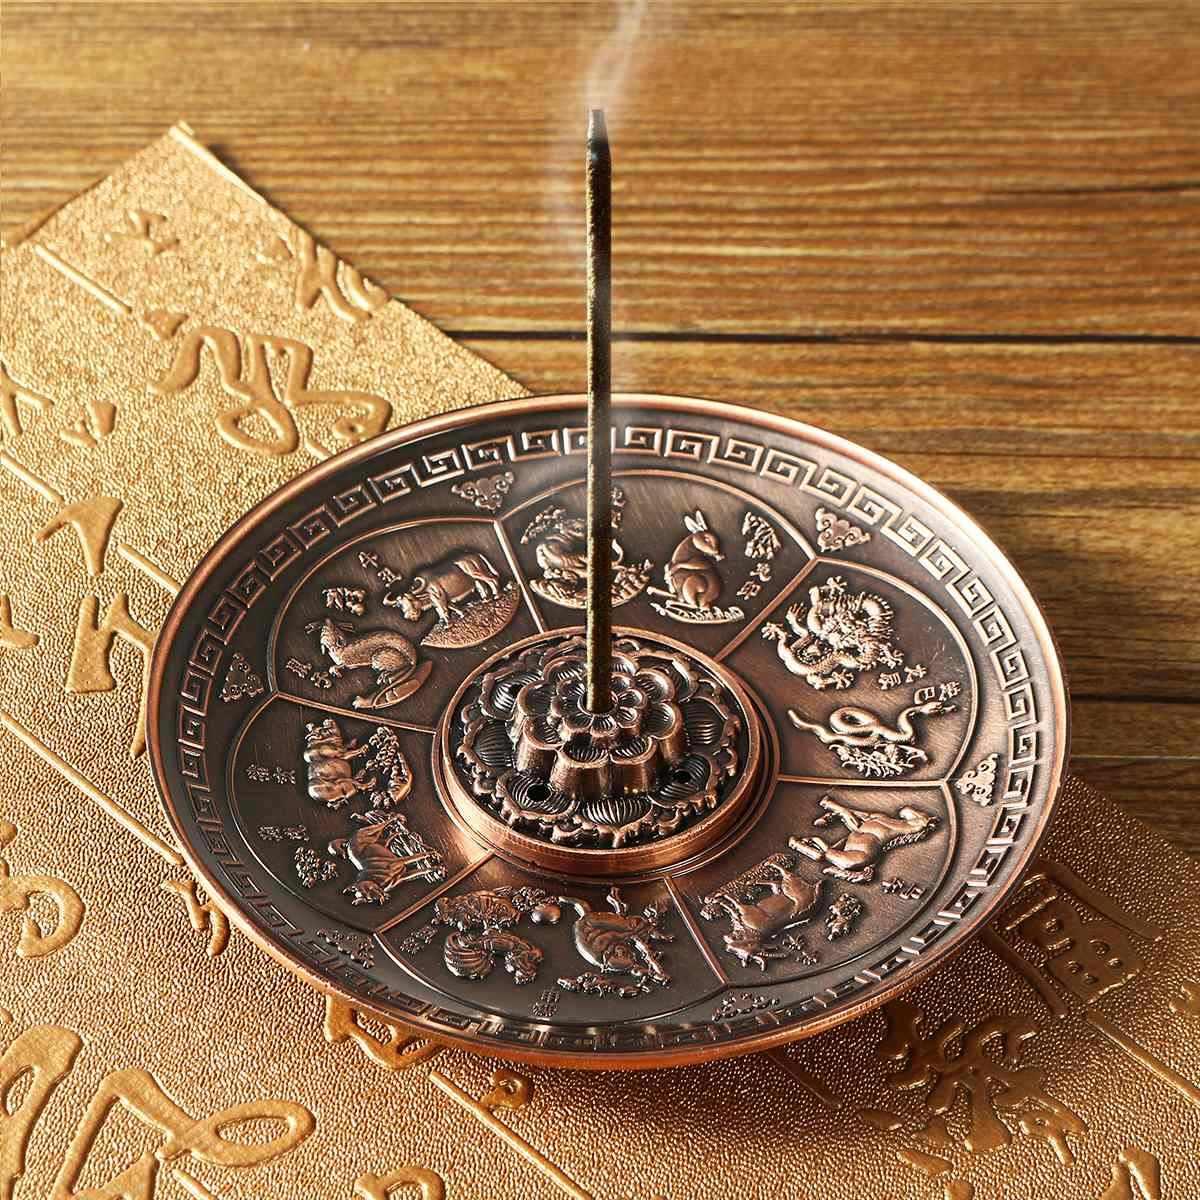 レトロ 5 穴蓮香バーナードラゴン香ホルダースティックコーン香炉プレート仏教 2 色ホームオフィスの装飾クラフト